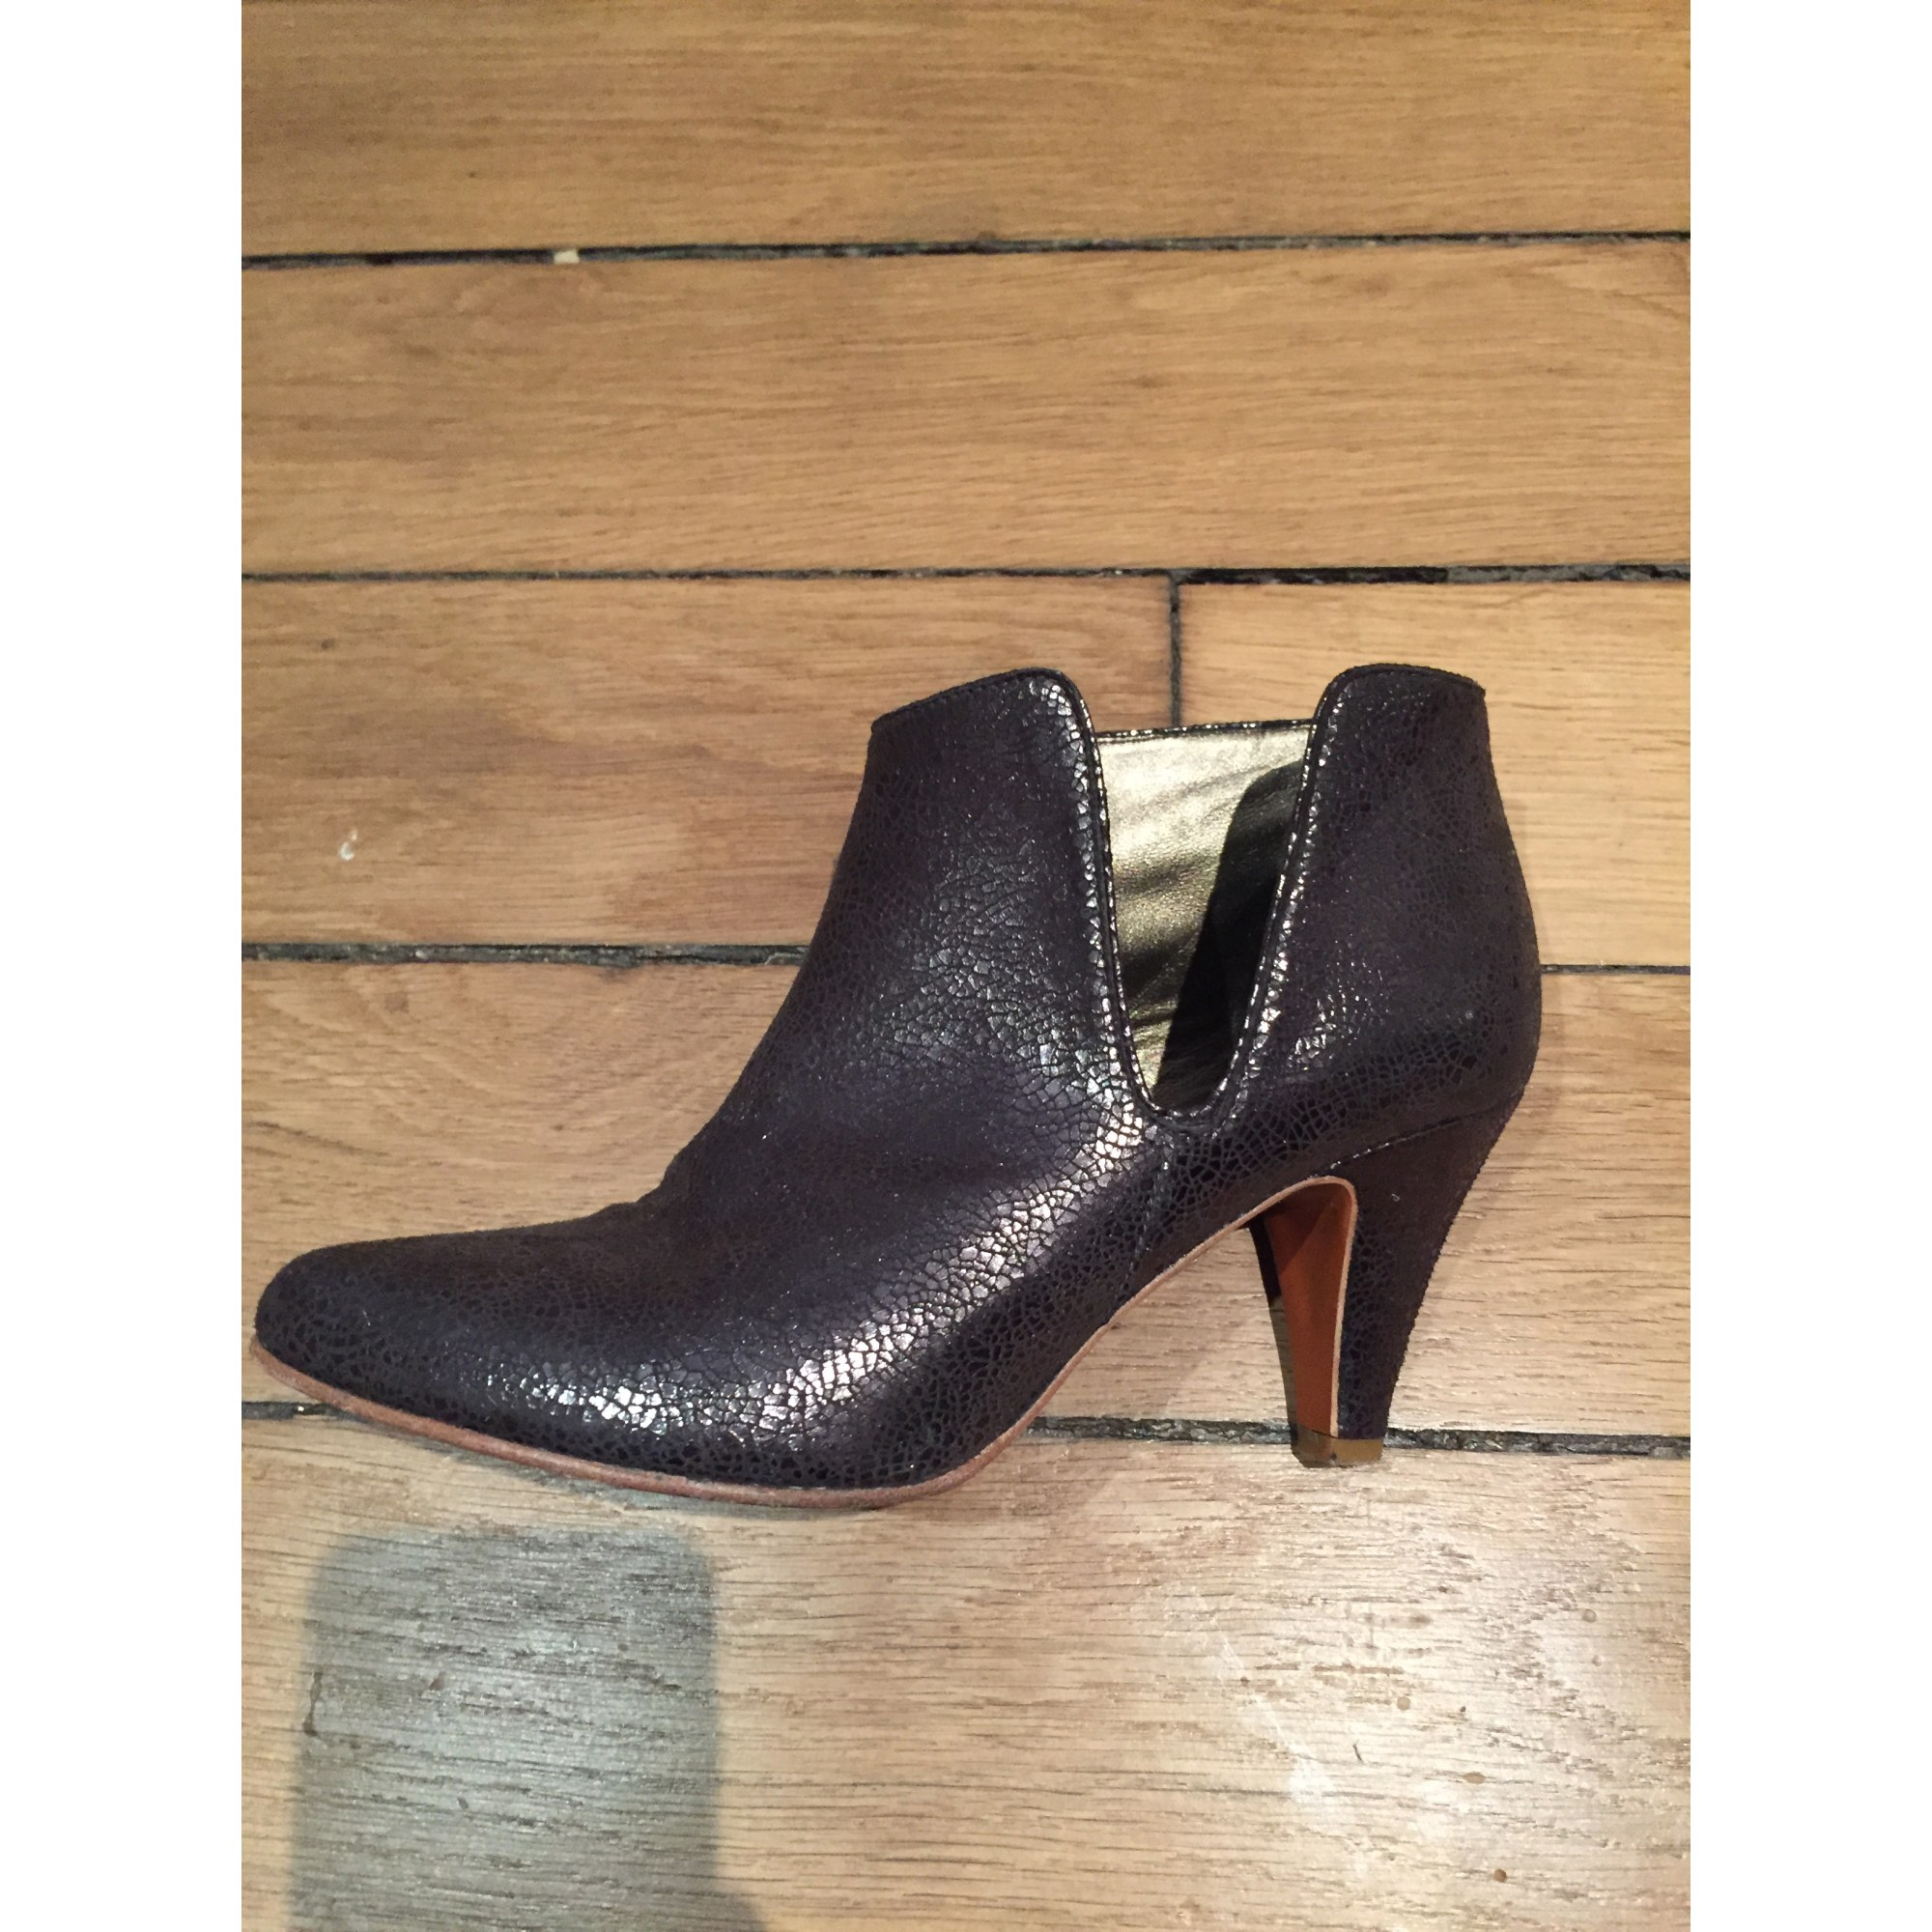 Bottines & low boots à talons DESIGUAL cuir noir 37 9u8DXFc